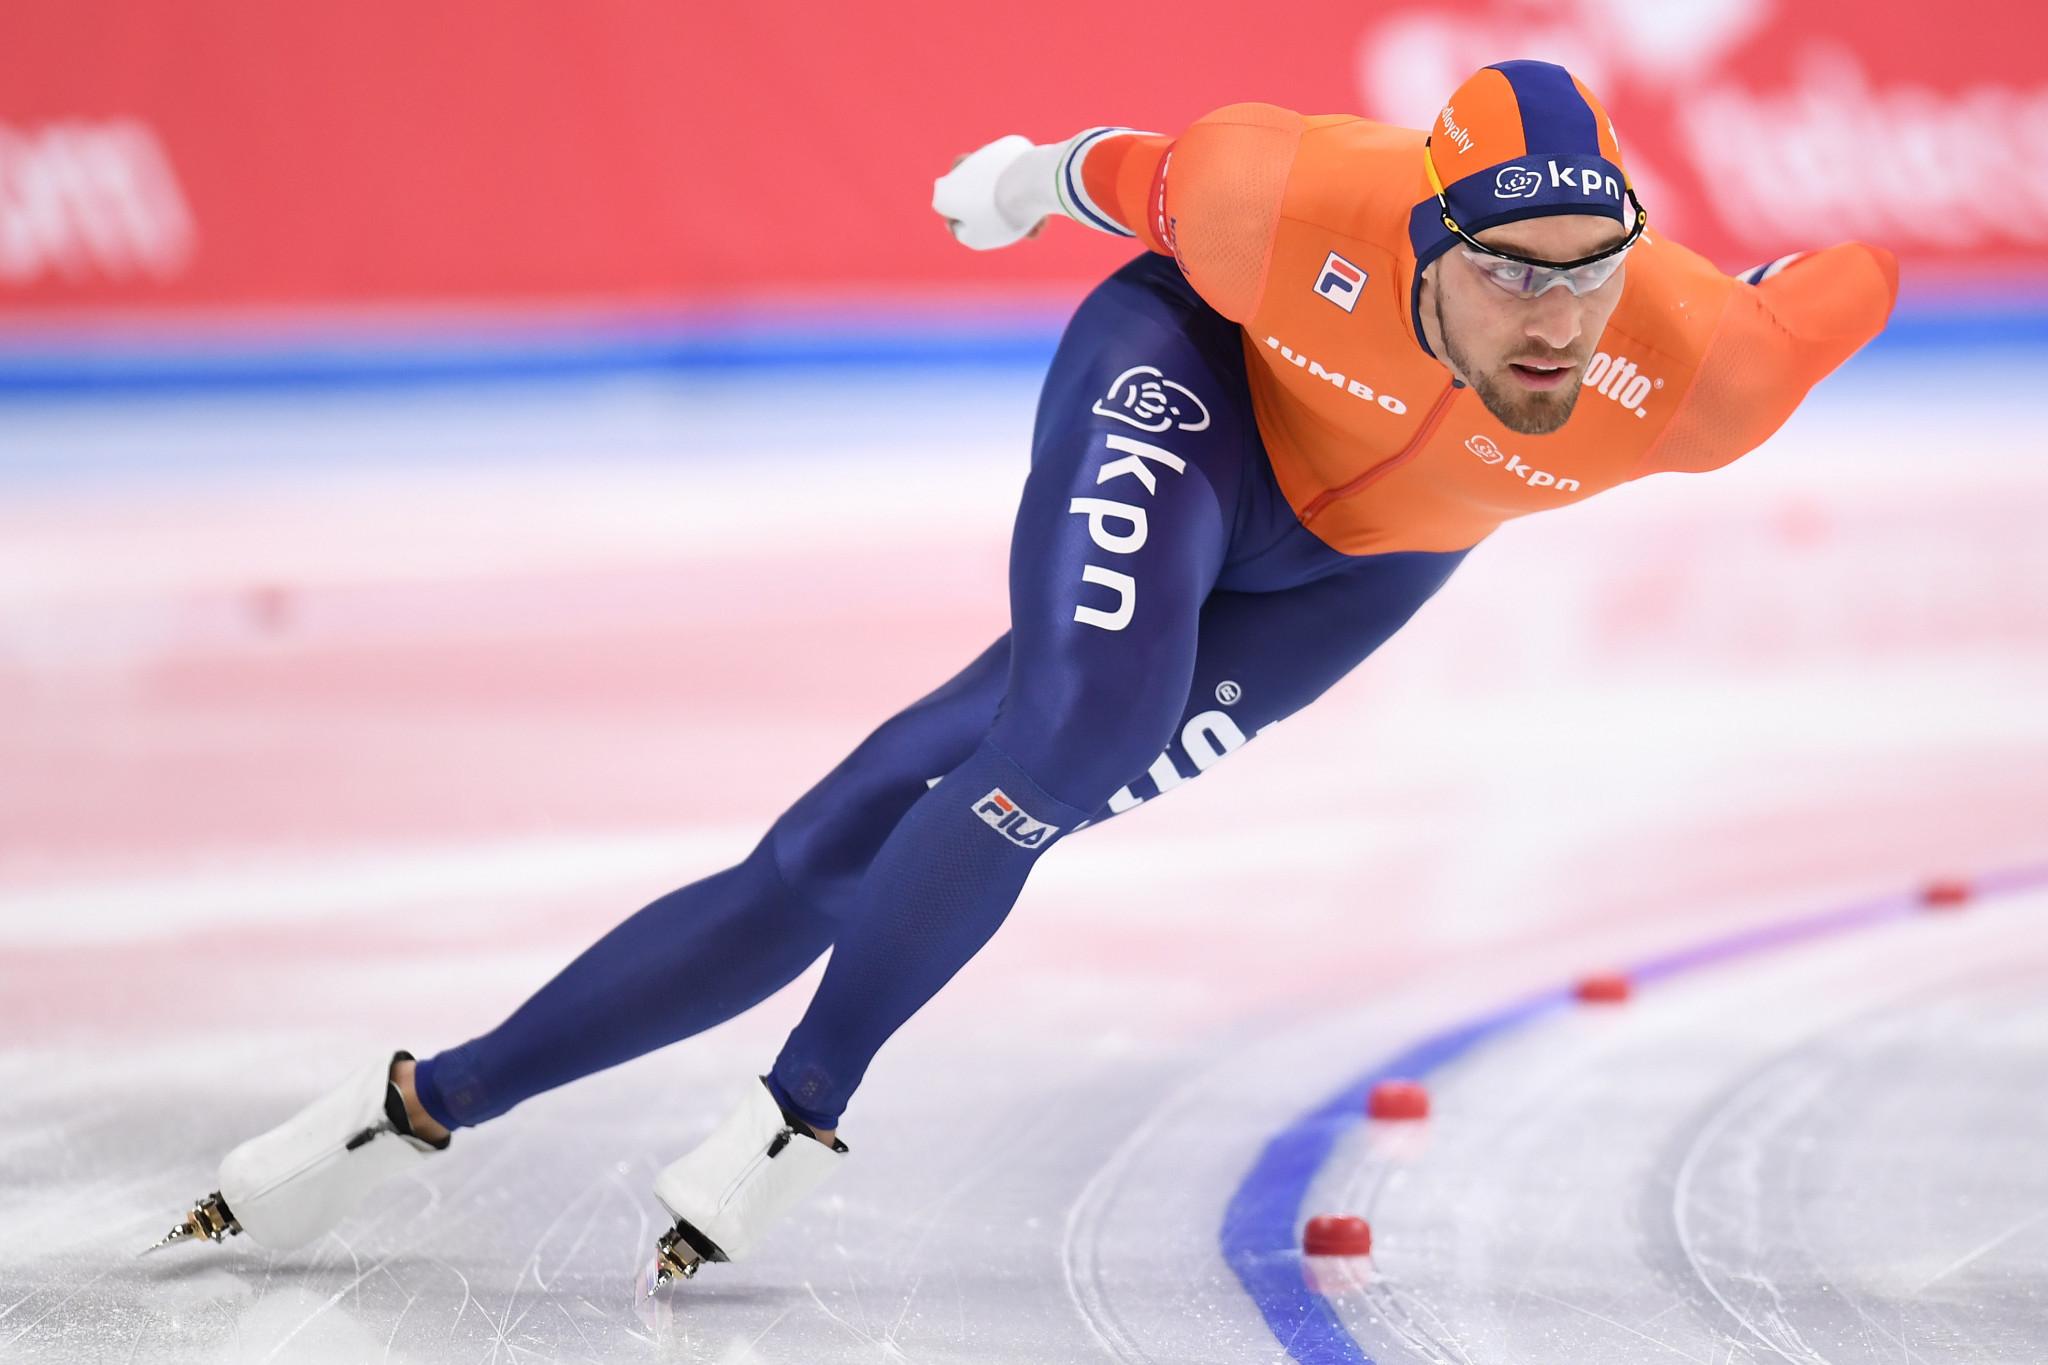 Heerenveen to host opening ISU Speed Skating World Cup of Olympic season